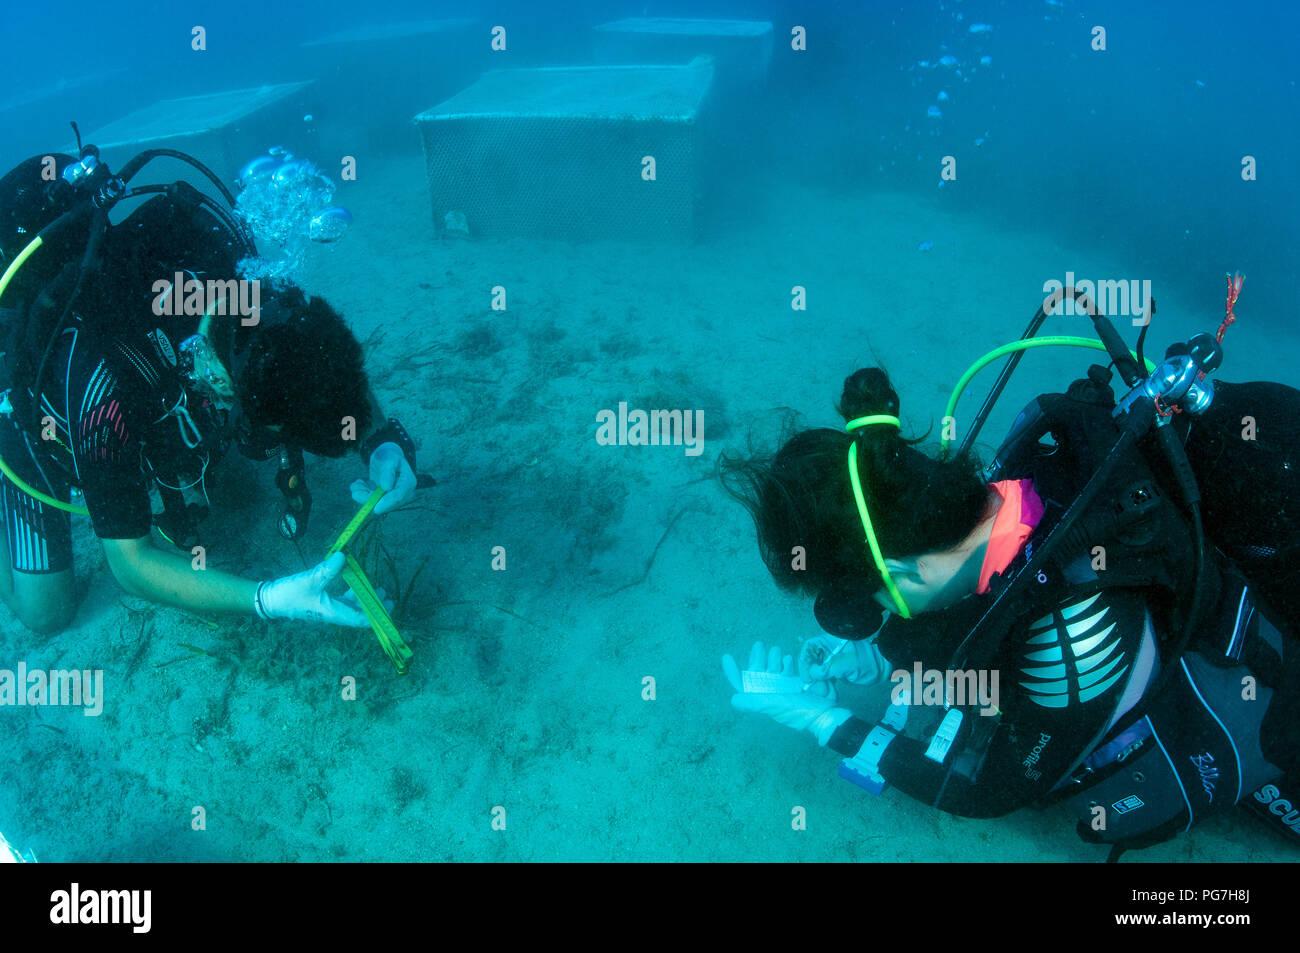 Les biologistes marins l'expérimentation sur la restauration des écosystèmes des mers grass Posidonia oceanica, contre le changement climatique et d'autres effets anthropiques. Photo Stock